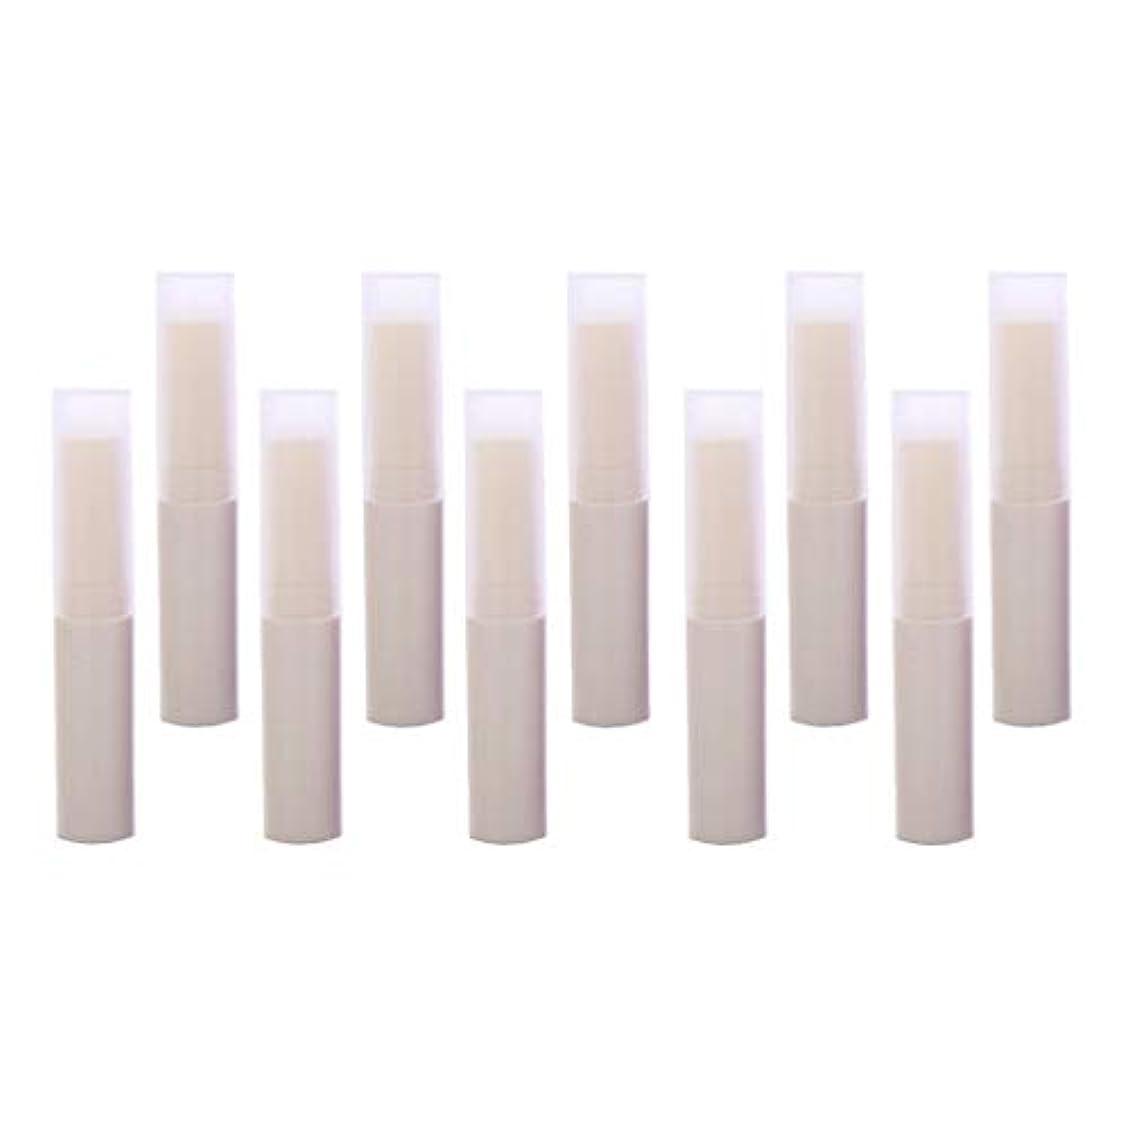 狂人宝石ホストToygogo リップスティック リップクリーム容器 DIY 化粧道具 詰替え容器 10個 全7色 - ベージュ